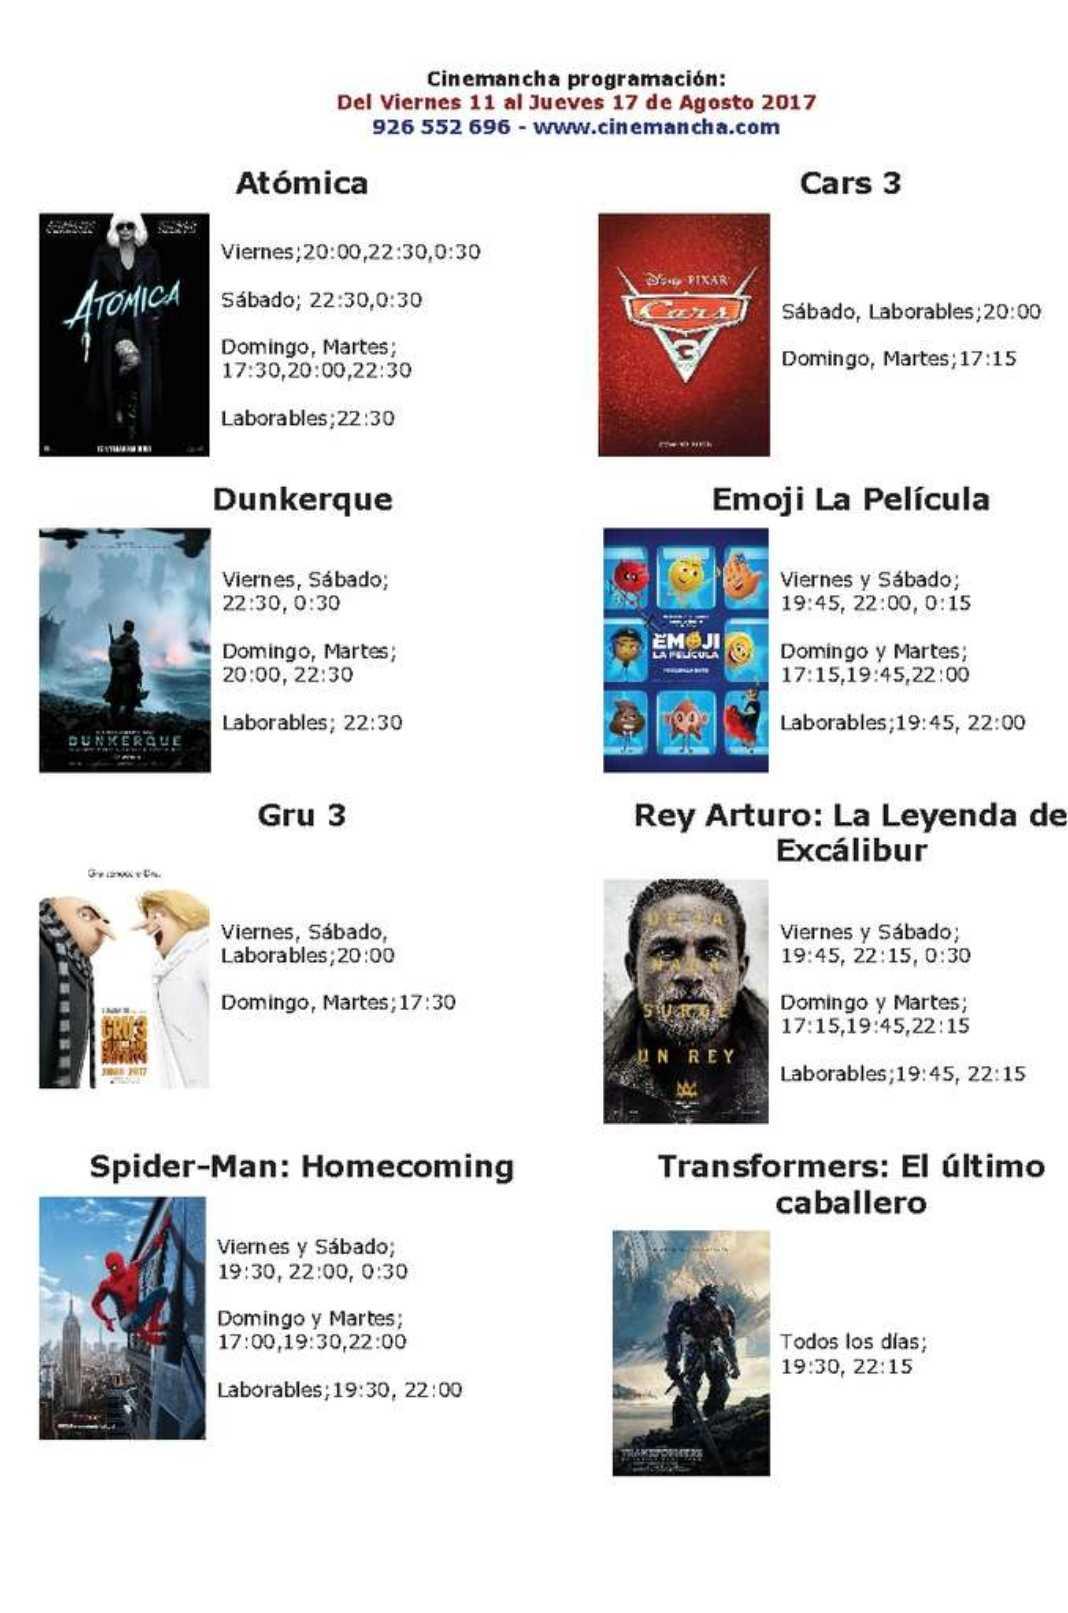 Cartelera Cinemancha del viernes 11 al jueves 17 de agosto 2